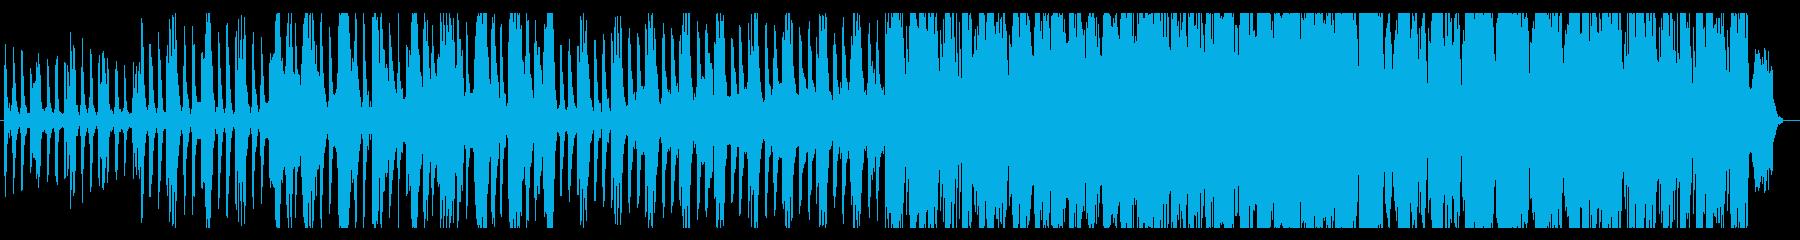 壮大で海賊っぽいオーケストラ楽曲の再生済みの波形